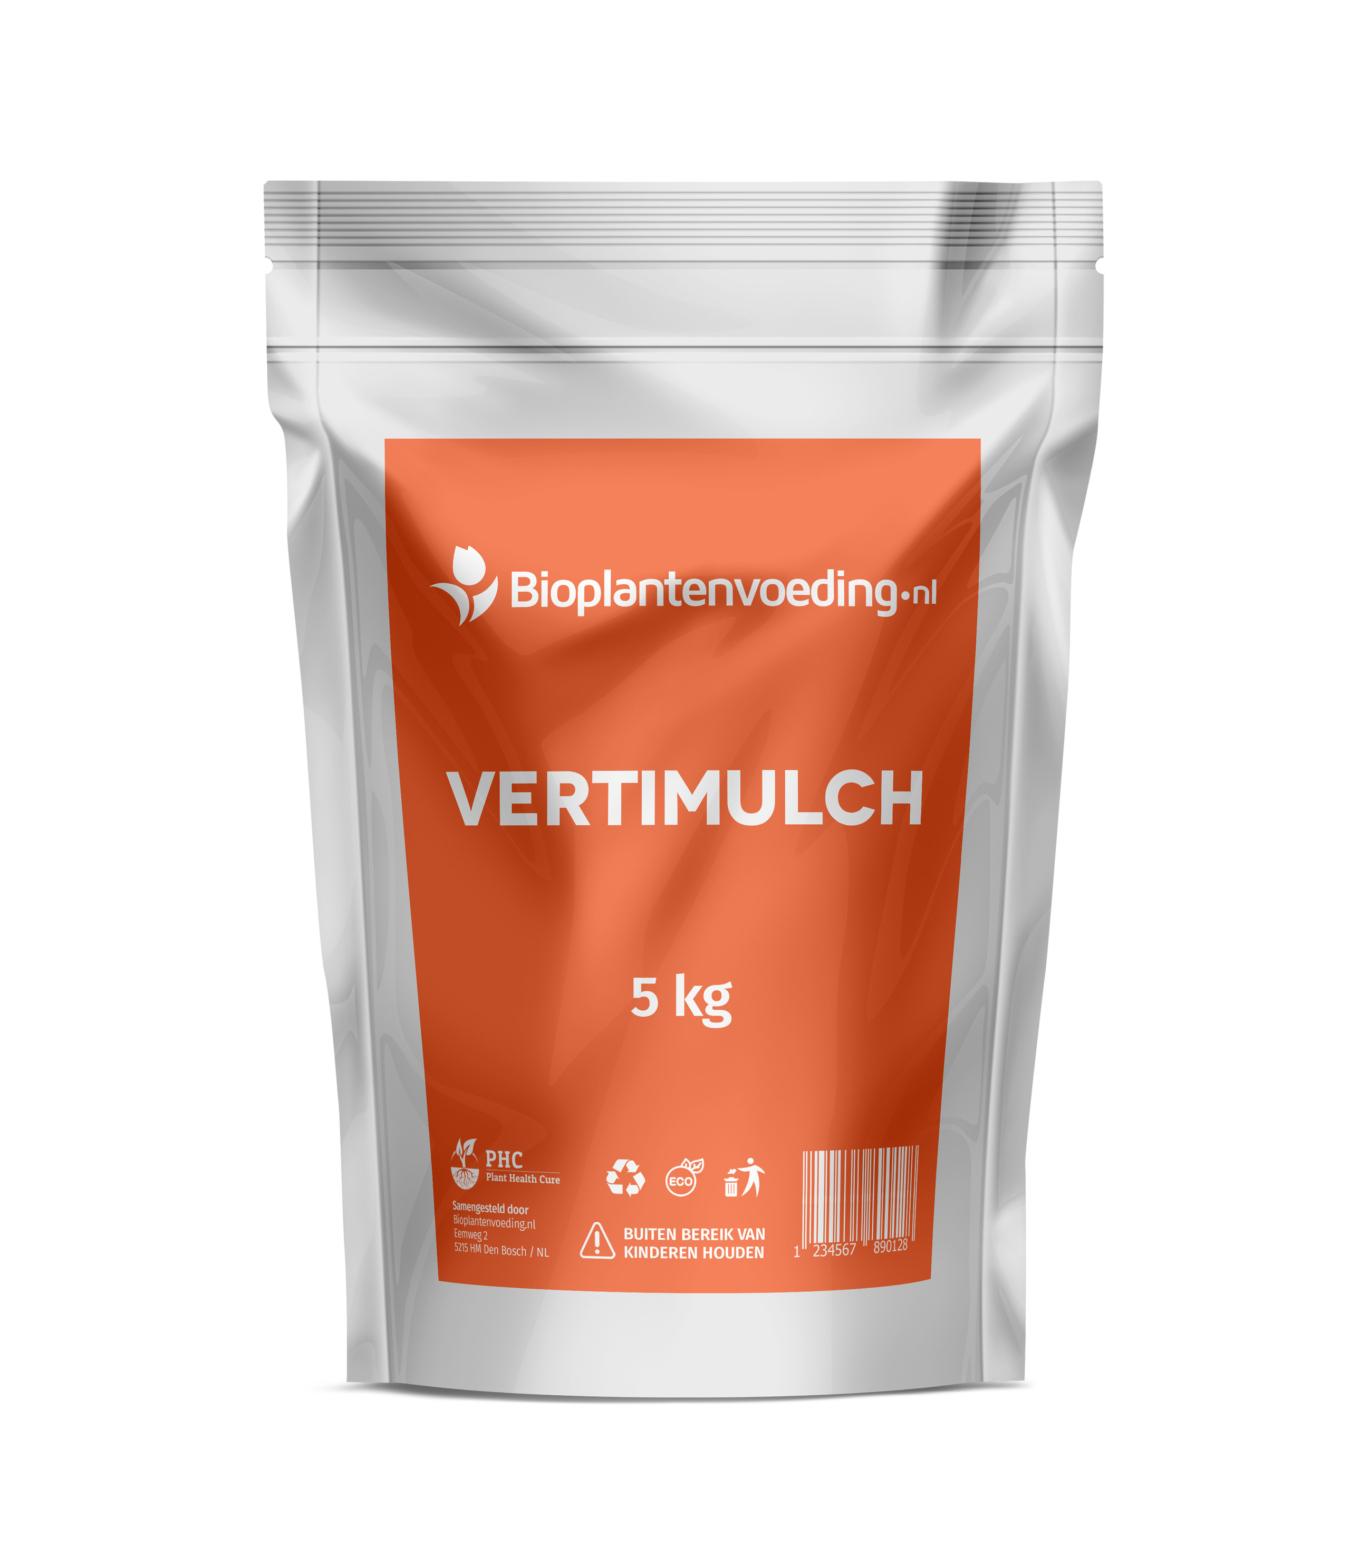 Koop Vertimulch – 5 kg